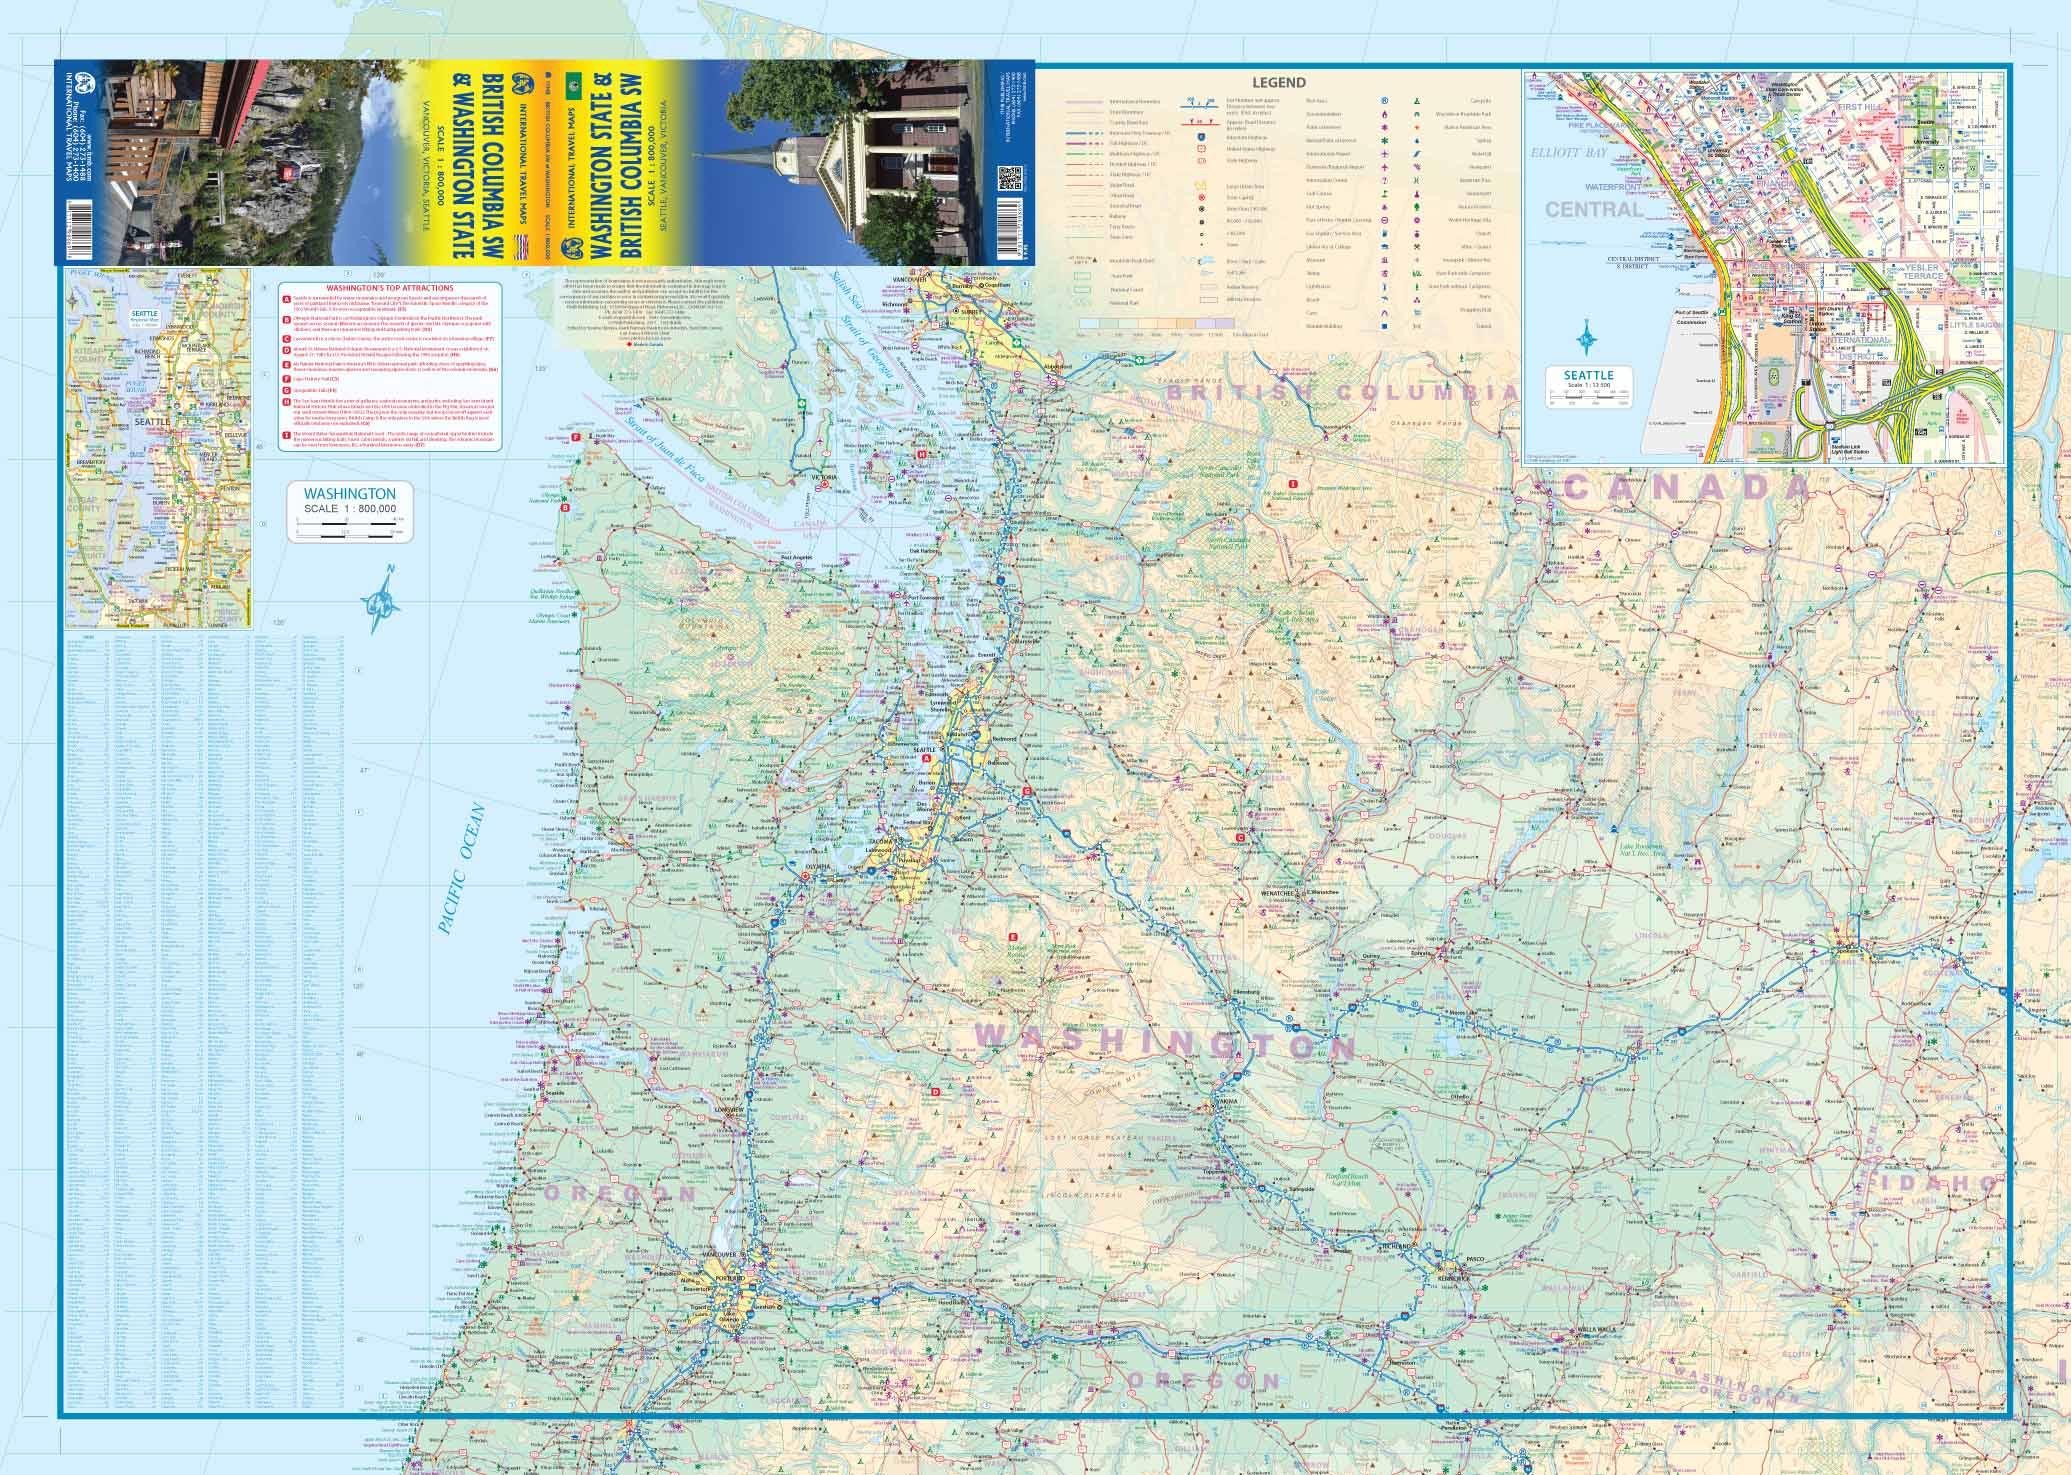 Bc Washington Map.British Columbia Sw Washington State Road Map At 1 800 Itmb